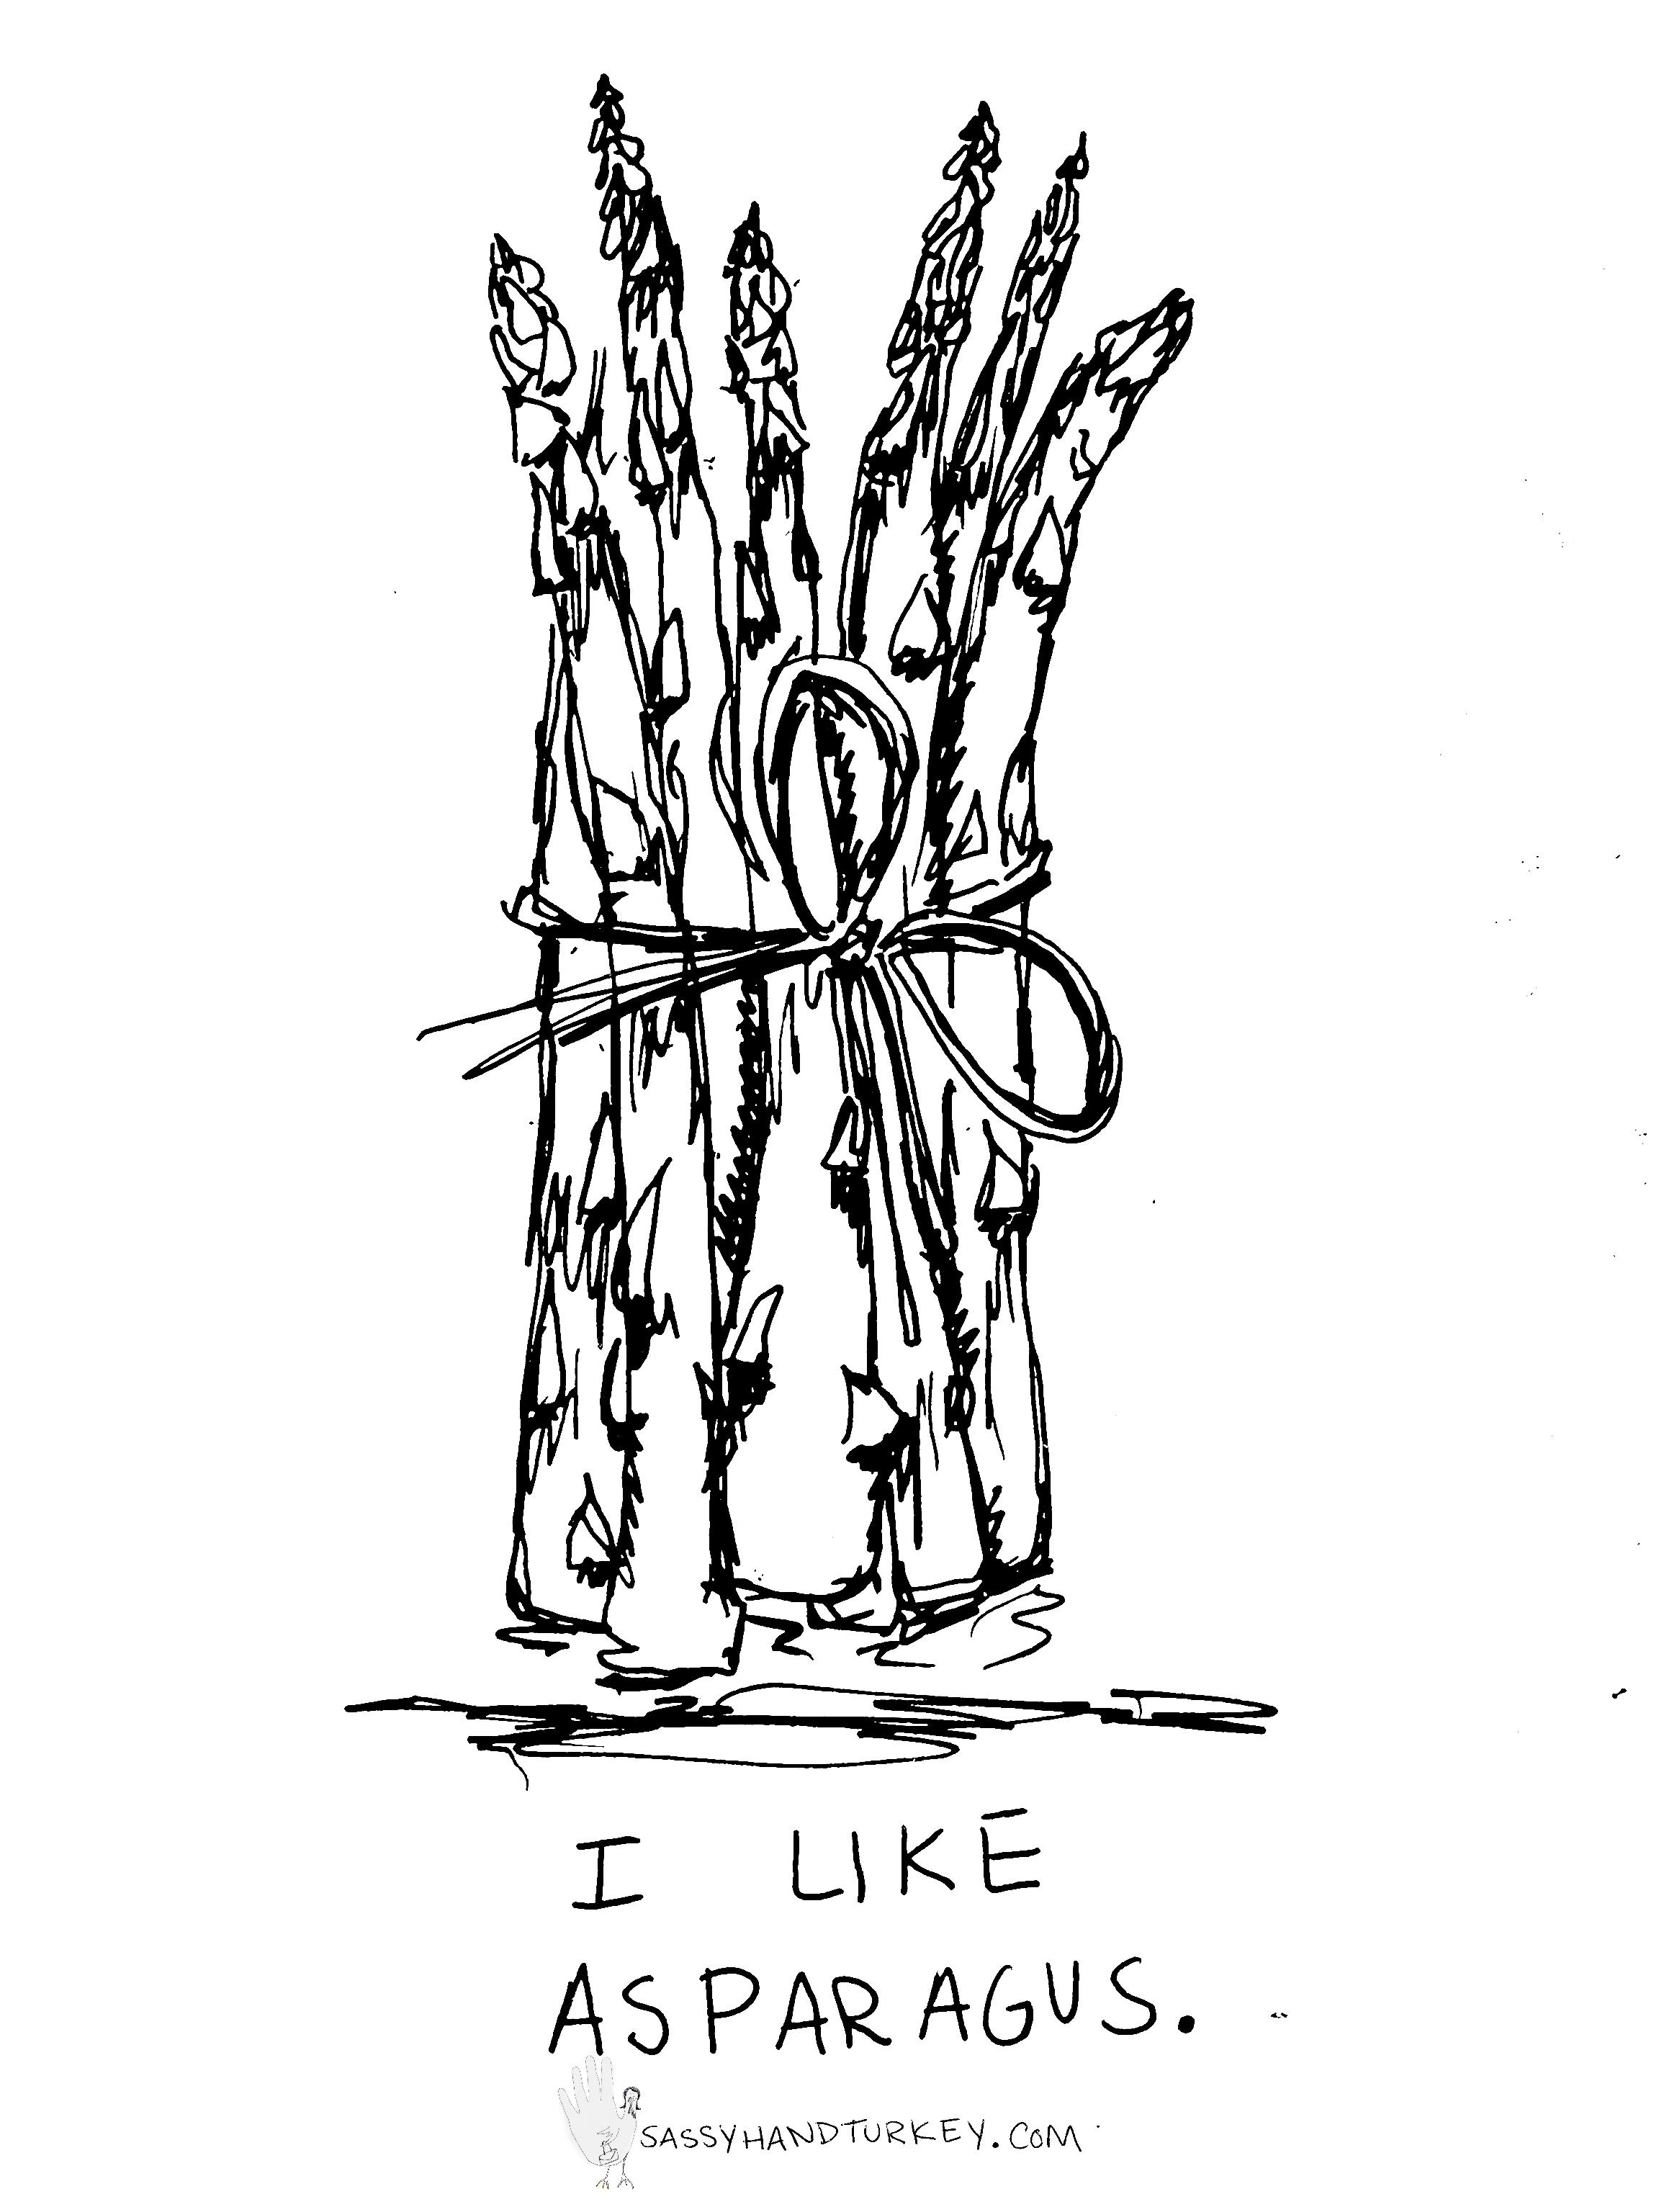 2304x3072 I Like Asparagus. Sassy Hand Turkey